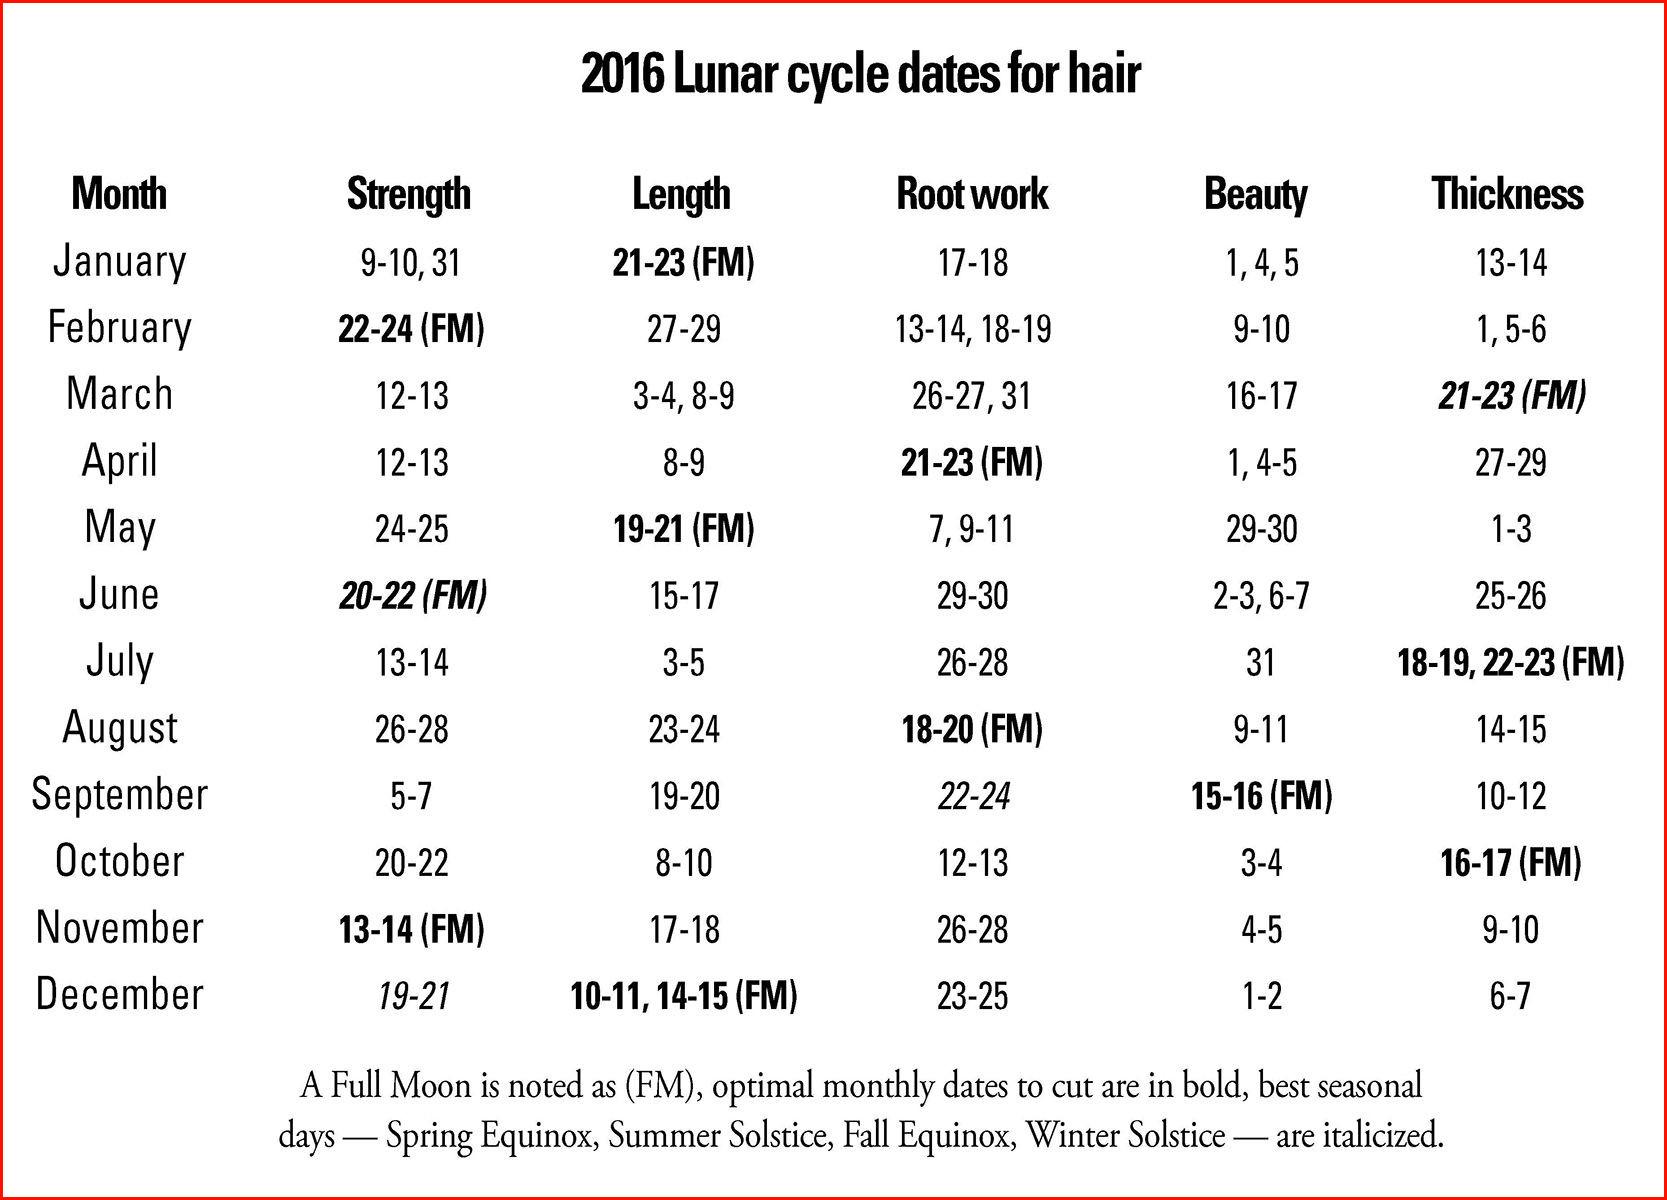 Cool Lunar Calendar Haircut Photos Of Haircuts Tutorials with Lunar Hair Chart